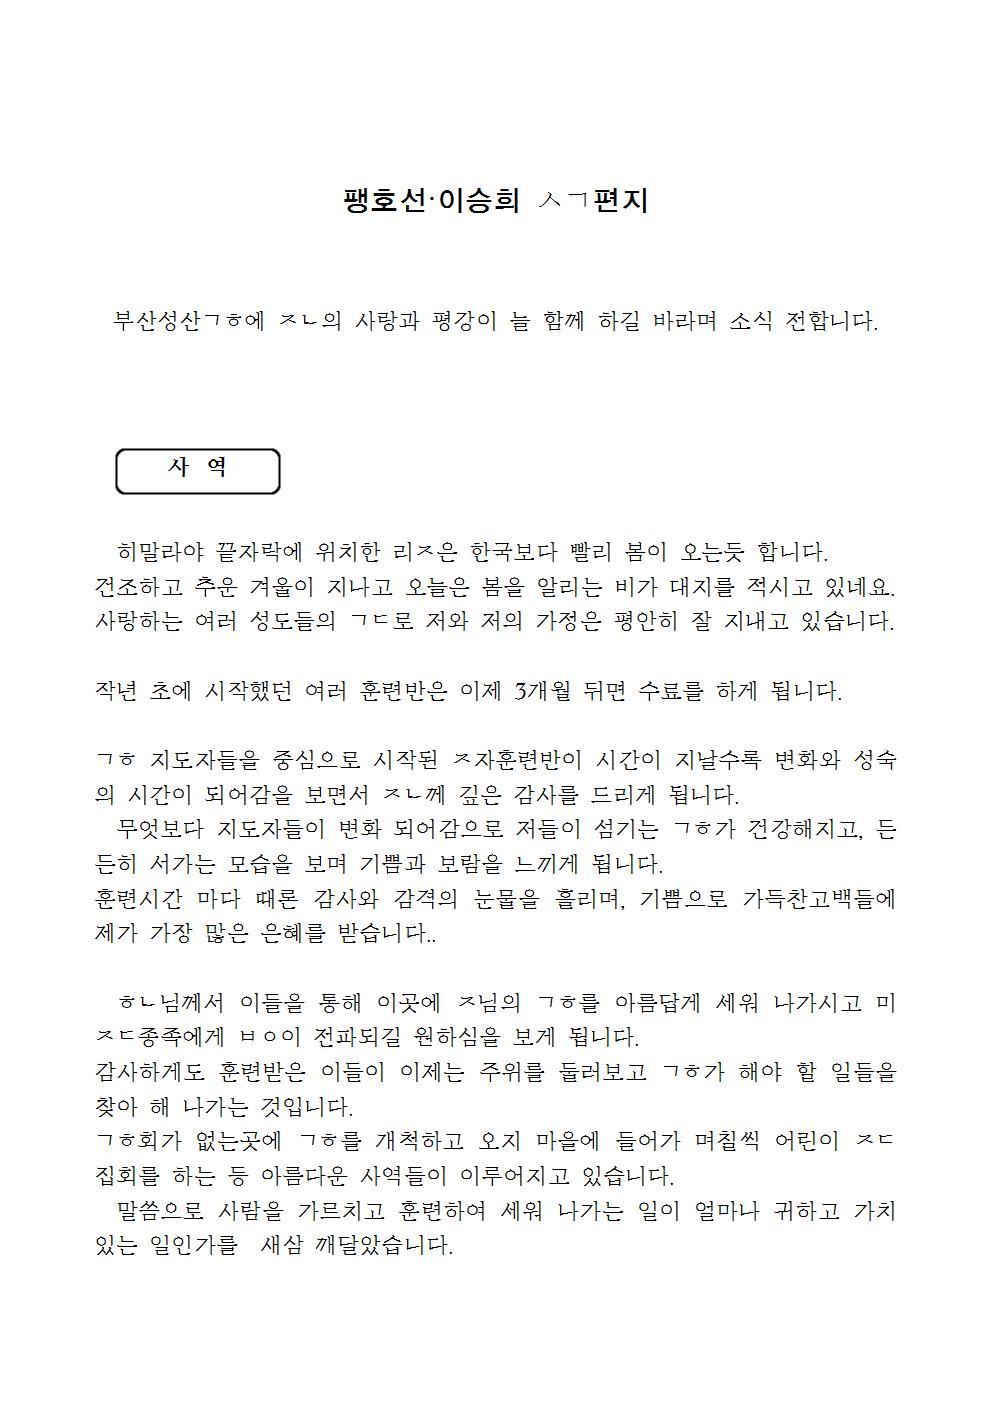 선교편지,팽호선(C국),20170225004.jpg